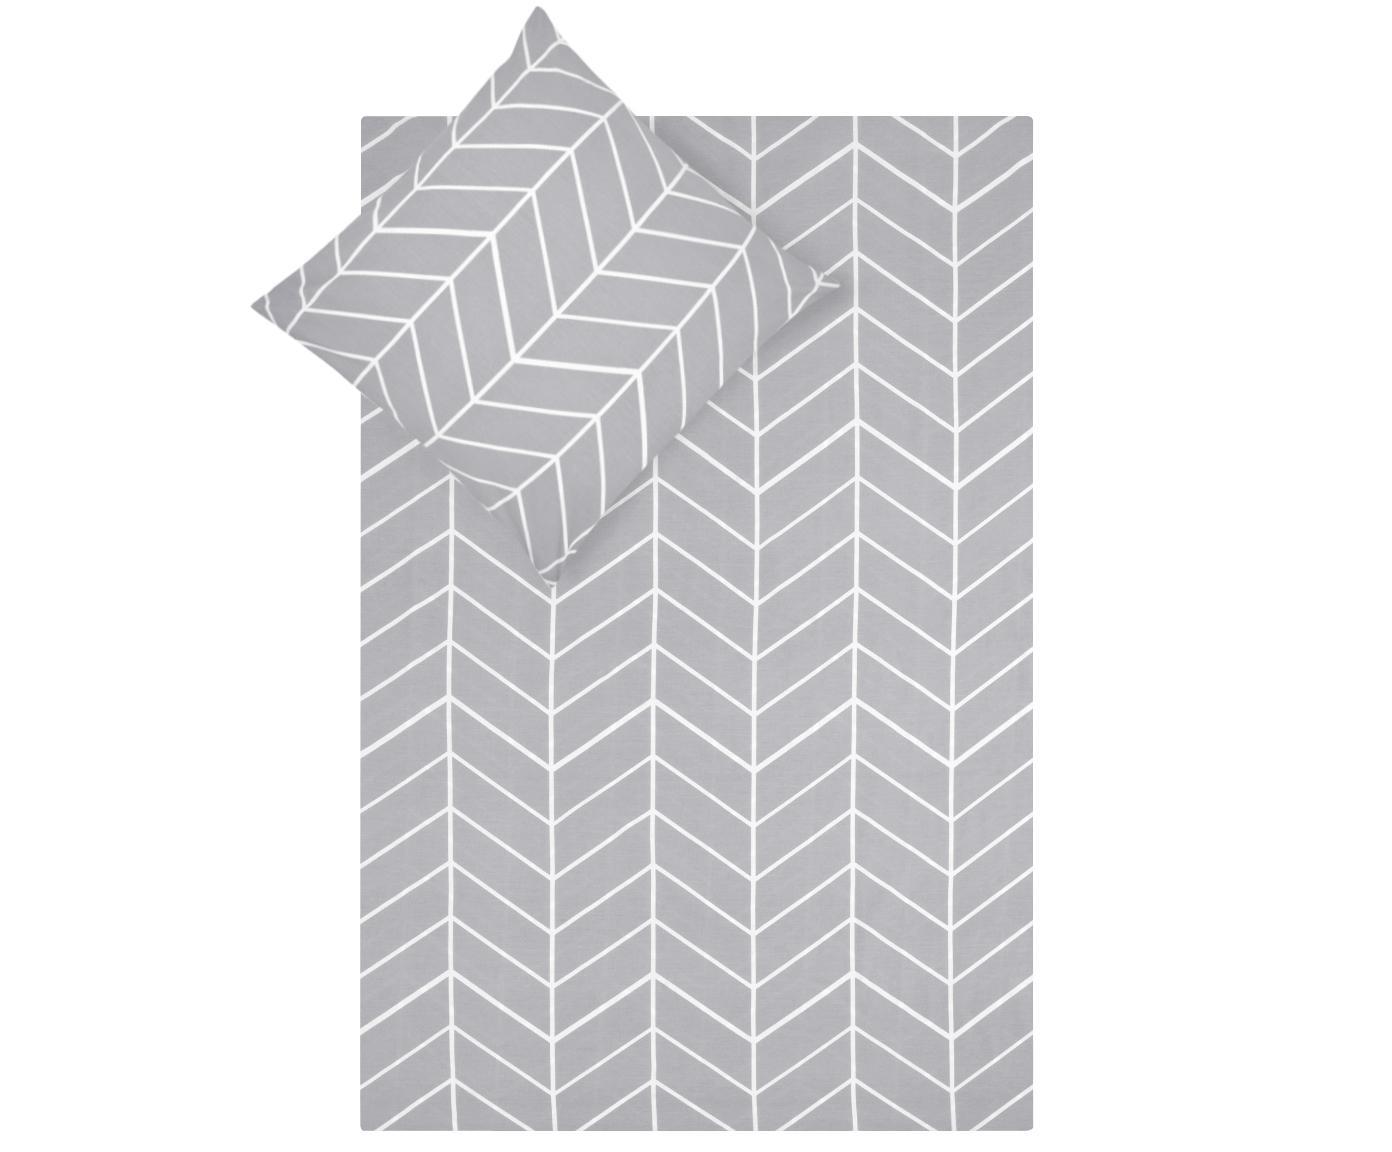 Pościel z bawełny renforcé Mirja, Szary, kremowobiały, 135 x 200 cm